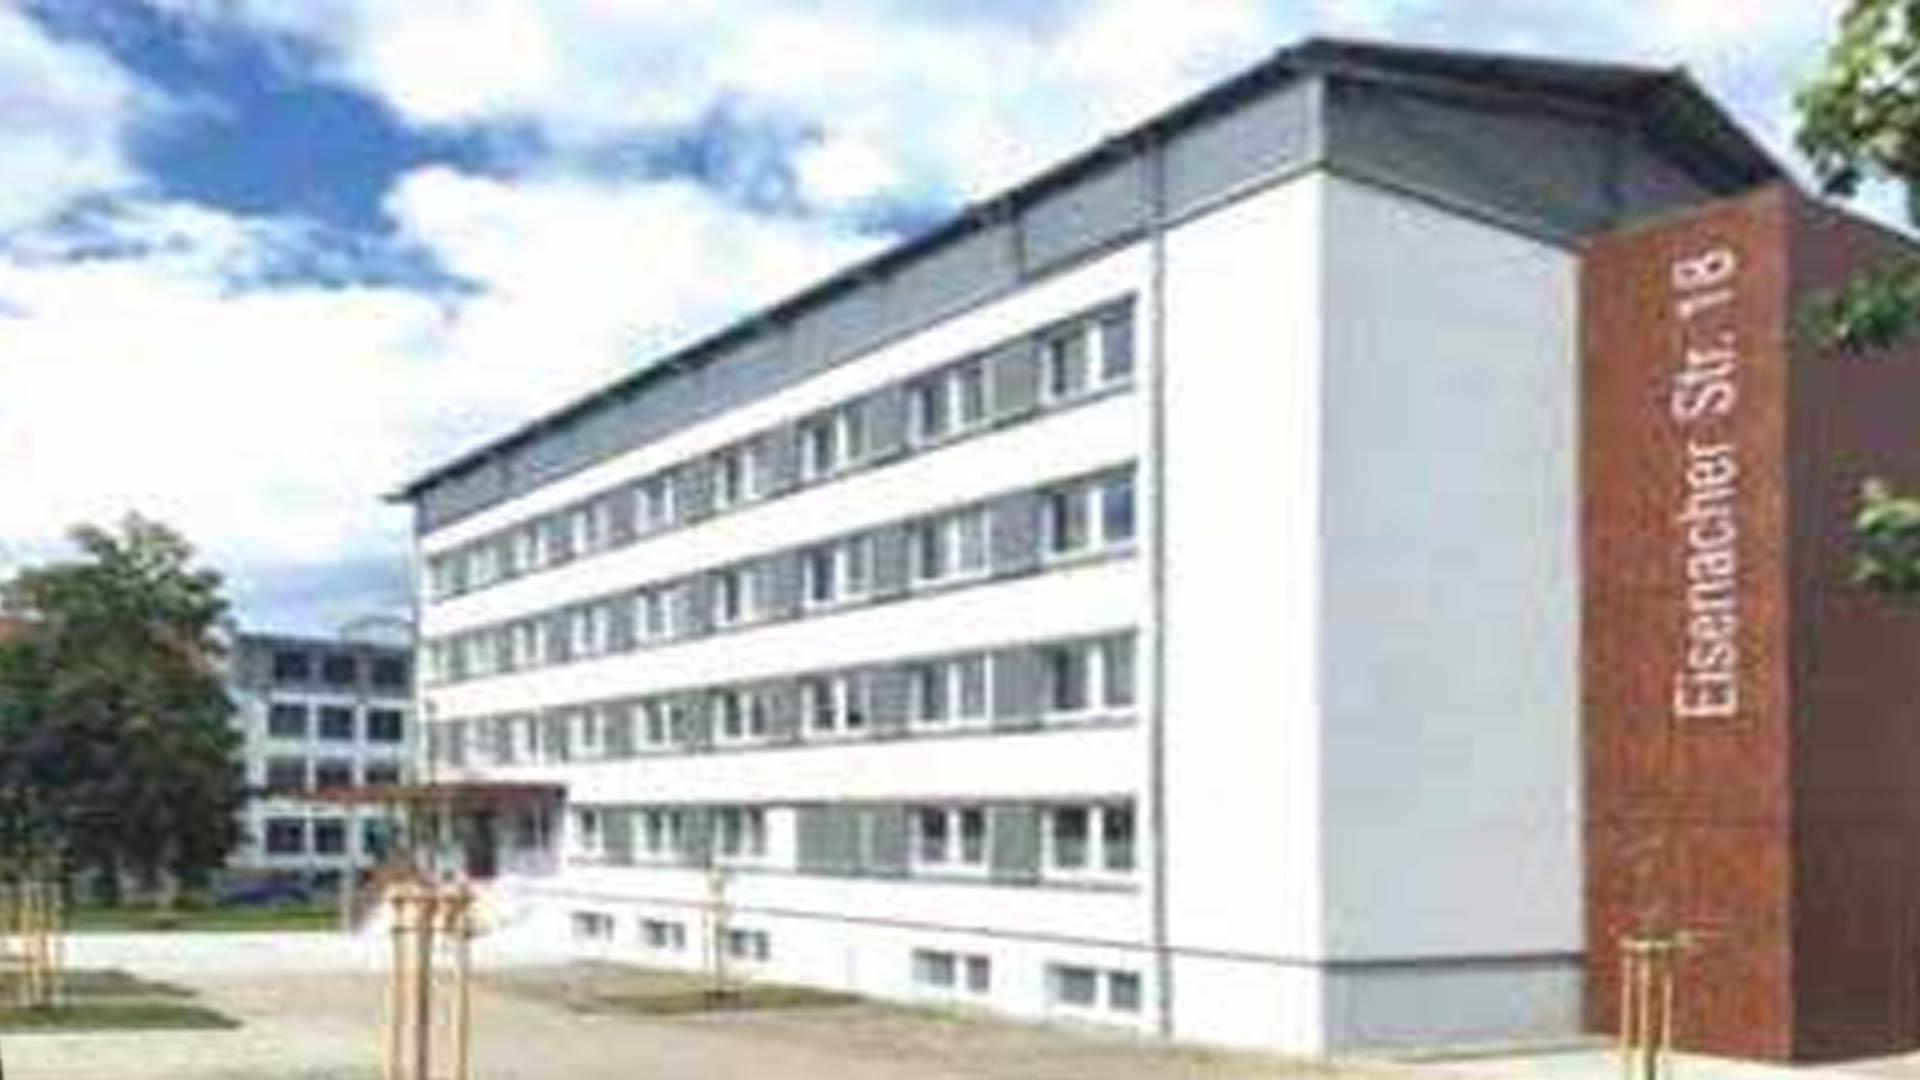 Wohn- und Pflegezentrum | Tagespflege Mühlhausen